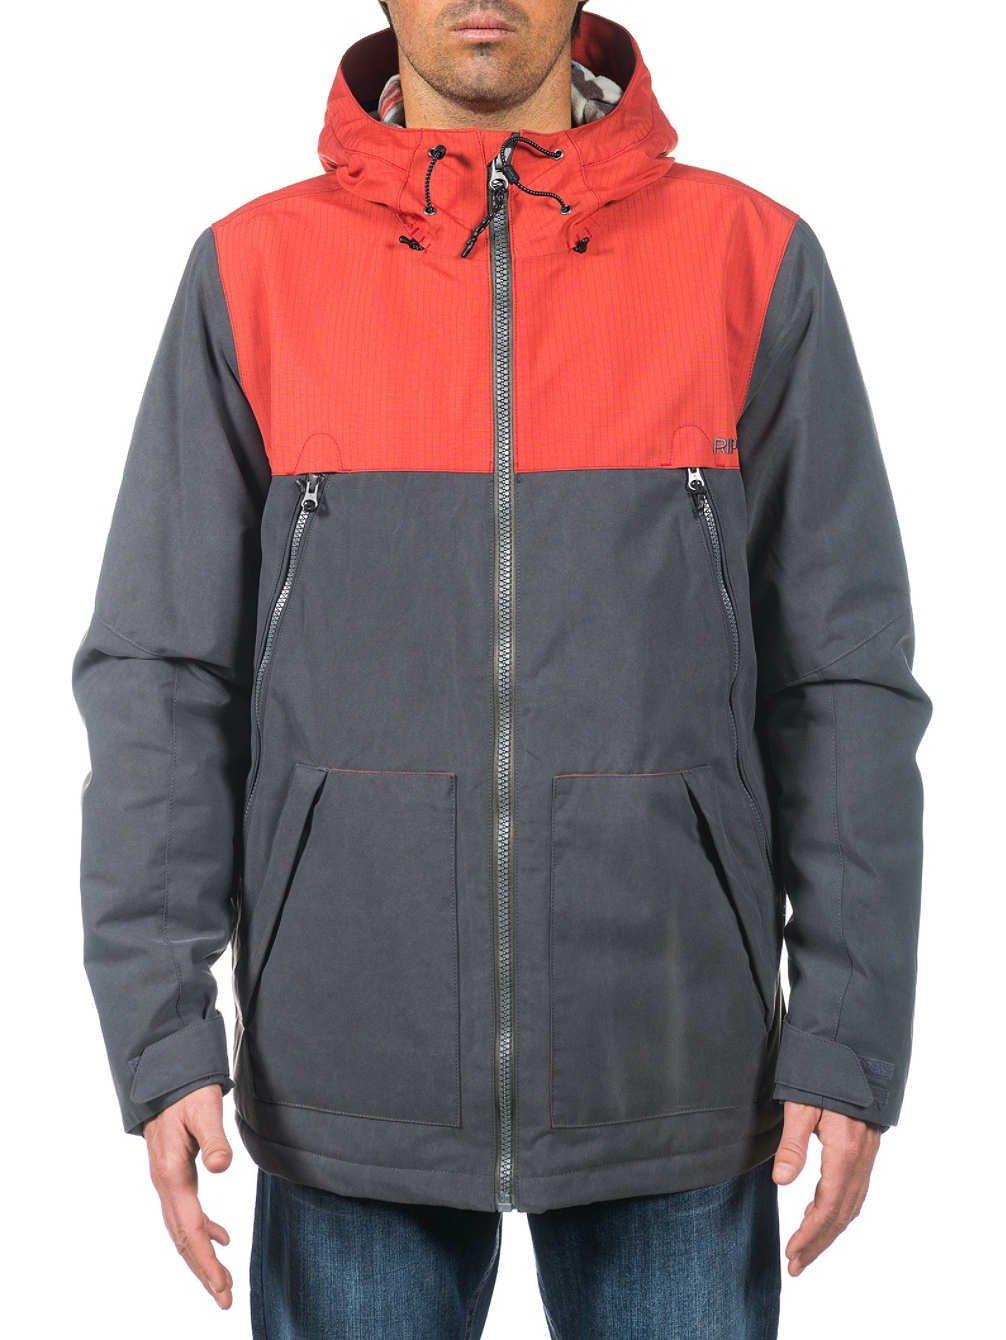 Winter Madness Anti Jacket jetzt kaufen